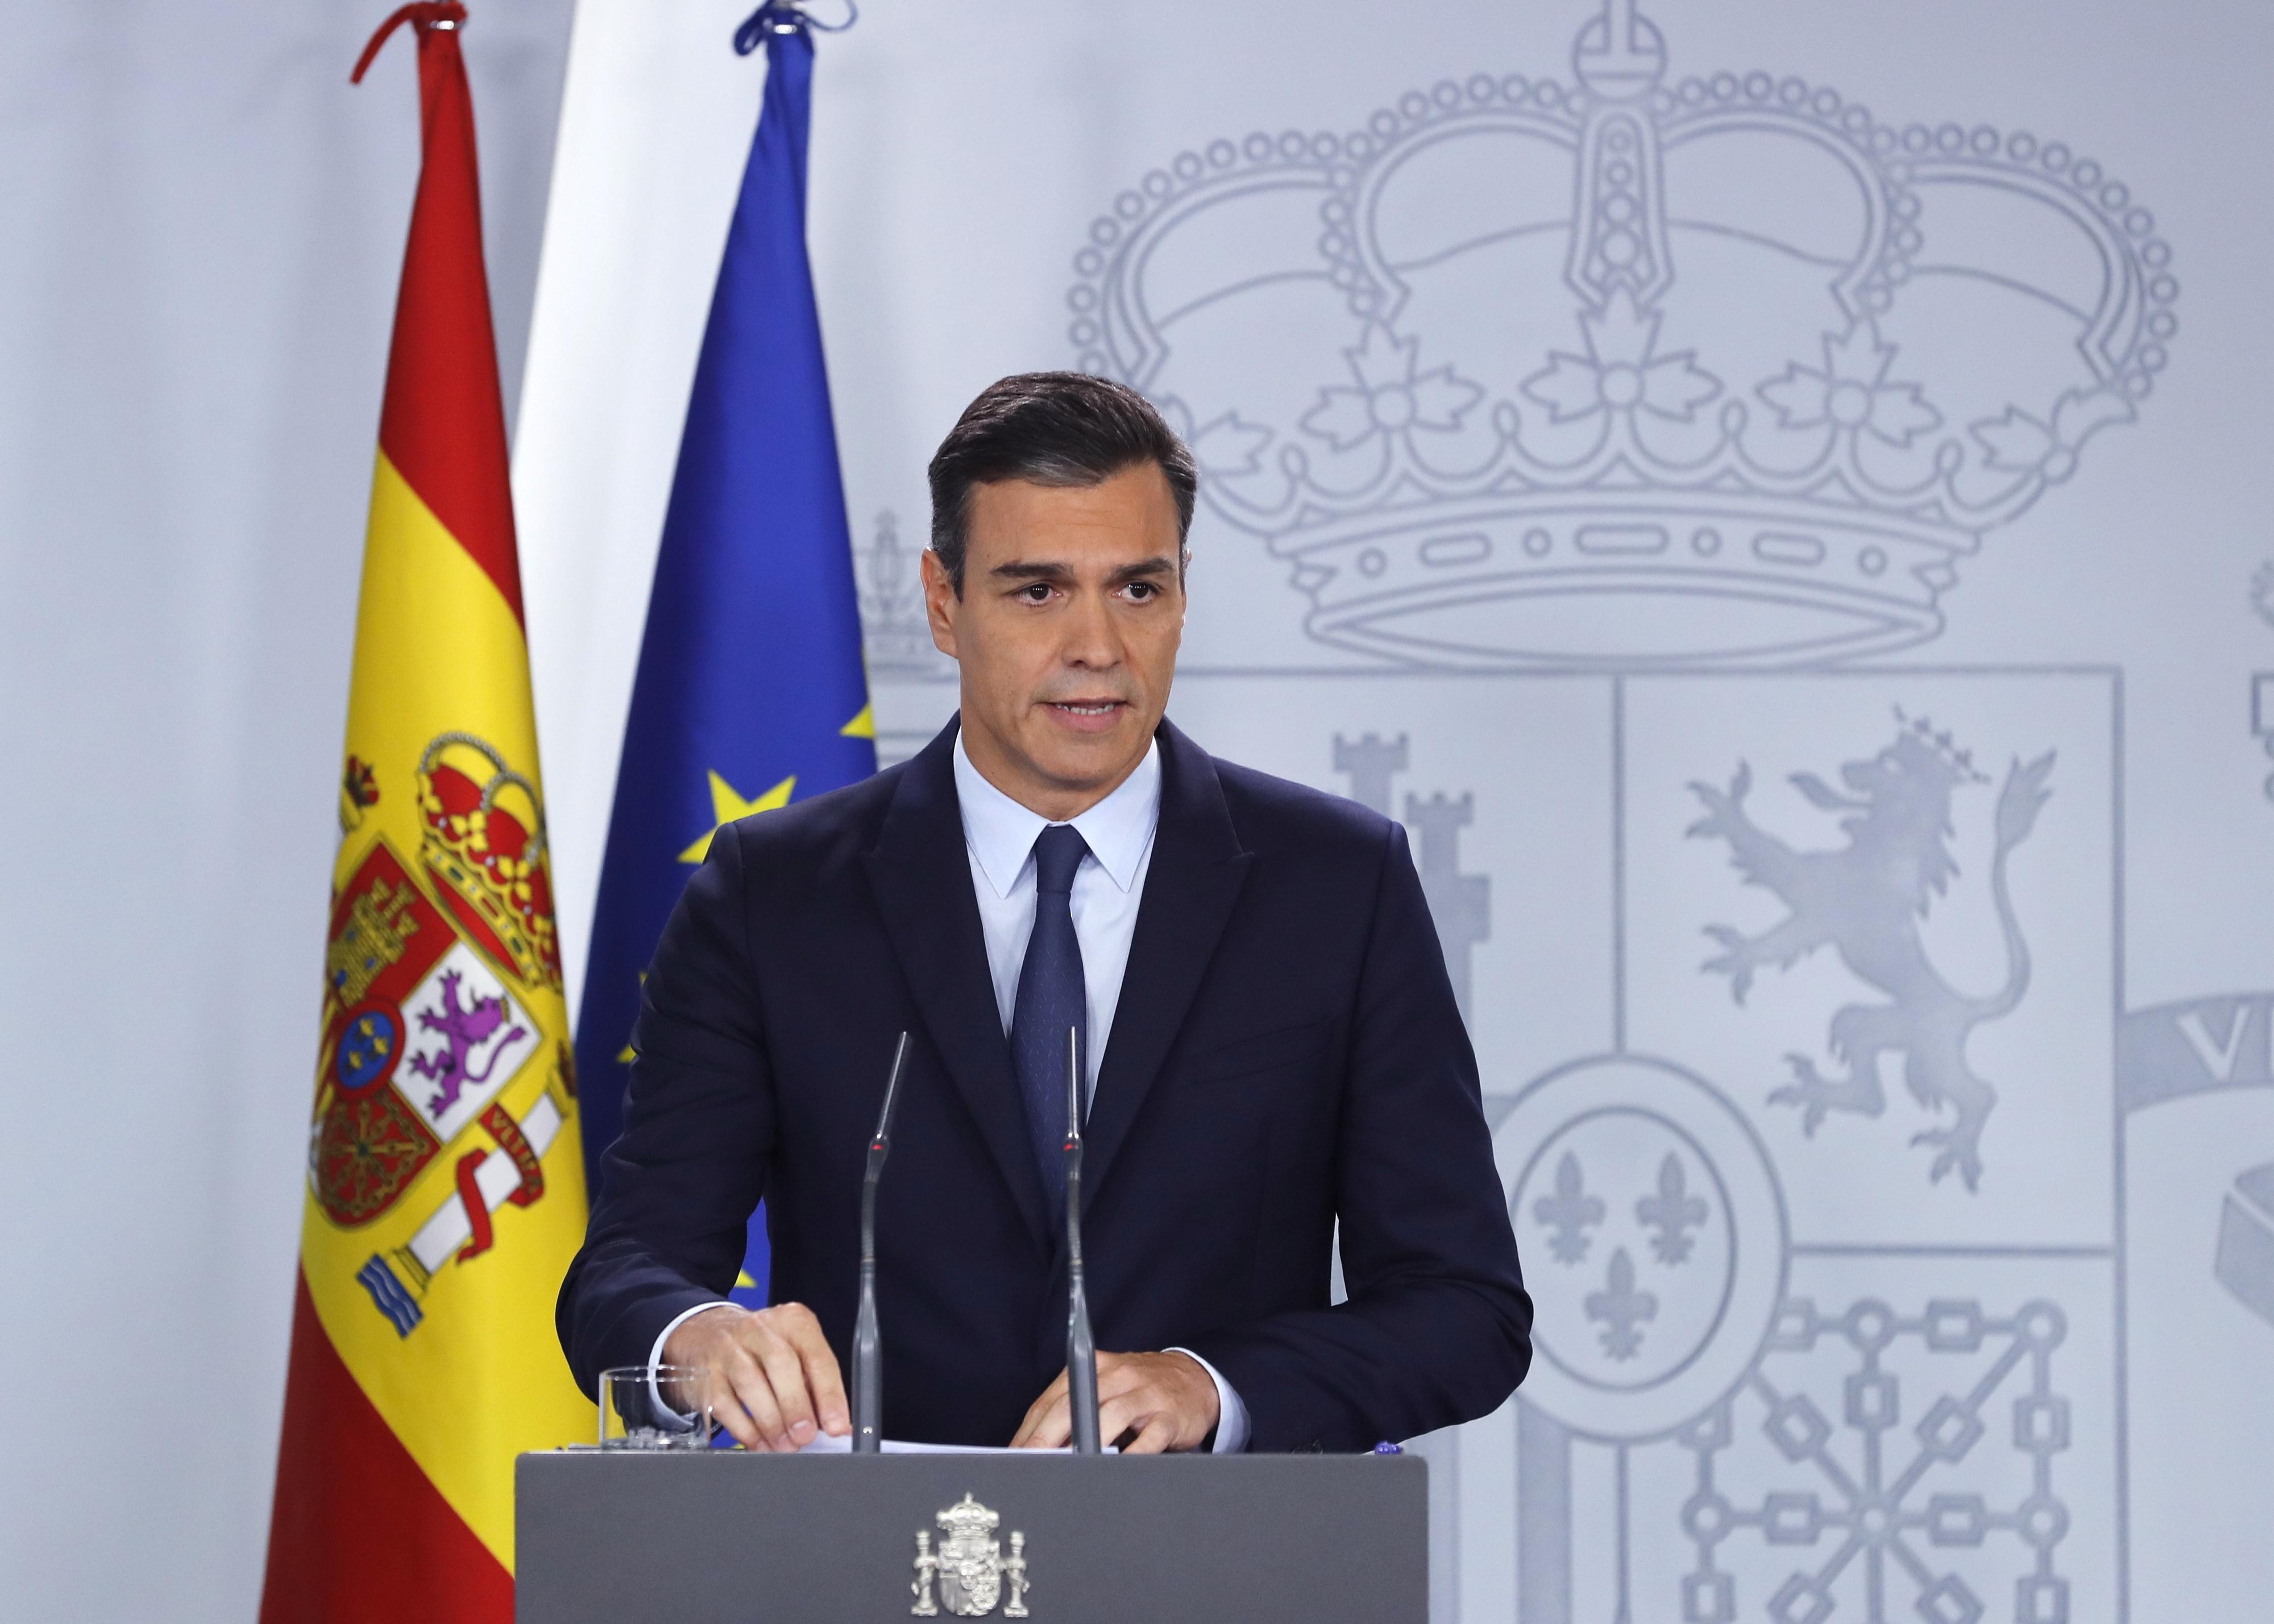 Sánchez culpa Podemos e Cidadãos por cenário de novas eleições em Espanha